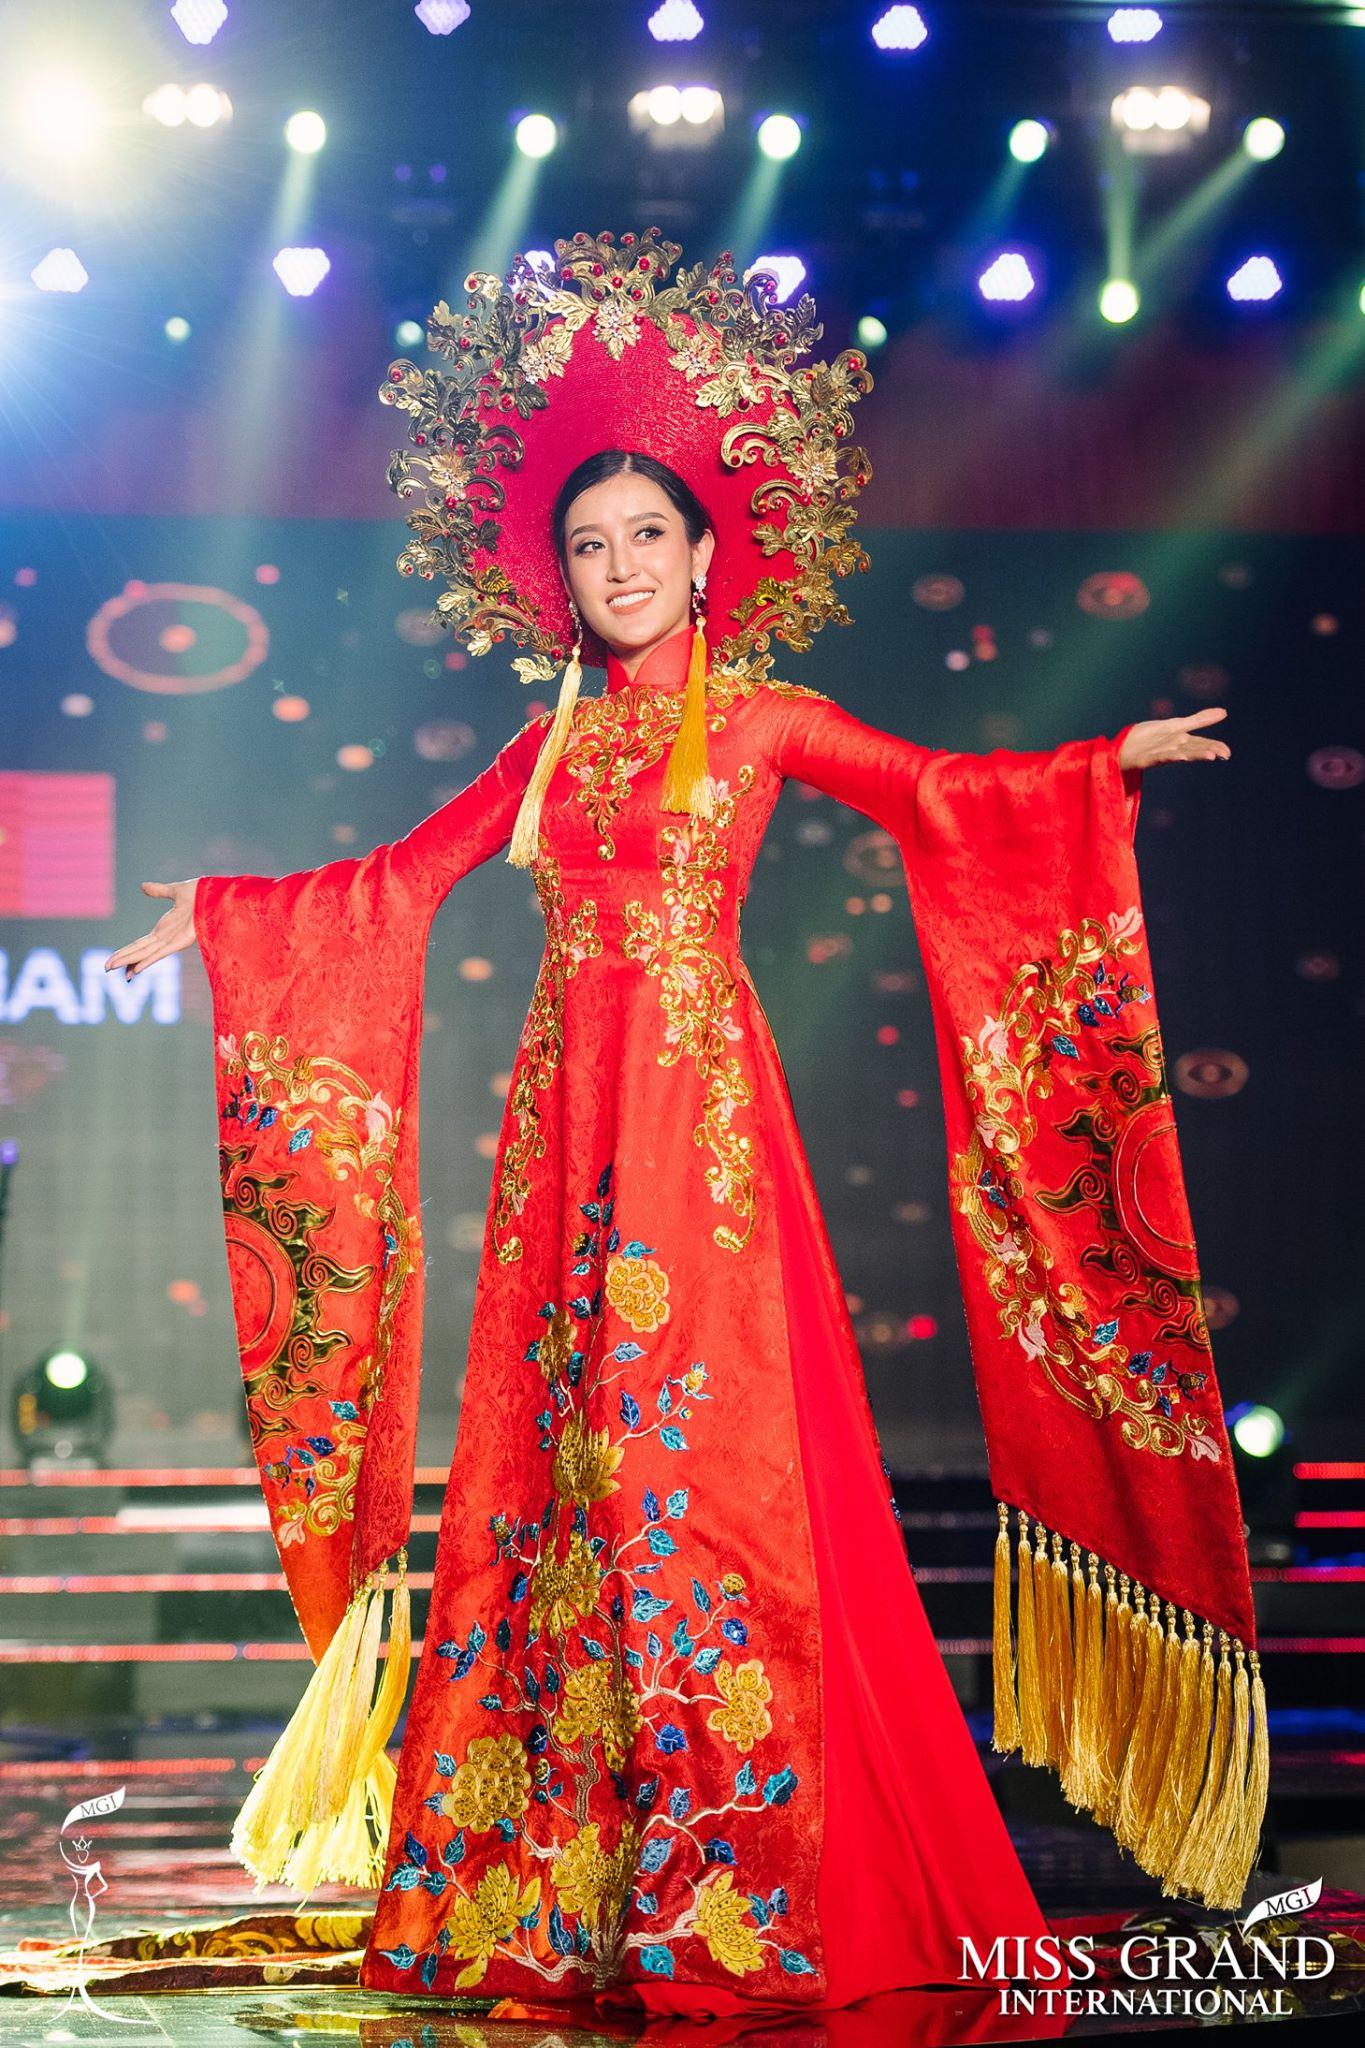 Trước giờ công bố kết quả, Huyền My lọt top 20 thí sinh có trang phục dân tộc được yêu thích nhất Miss Grand International 2017 - Ảnh 2.